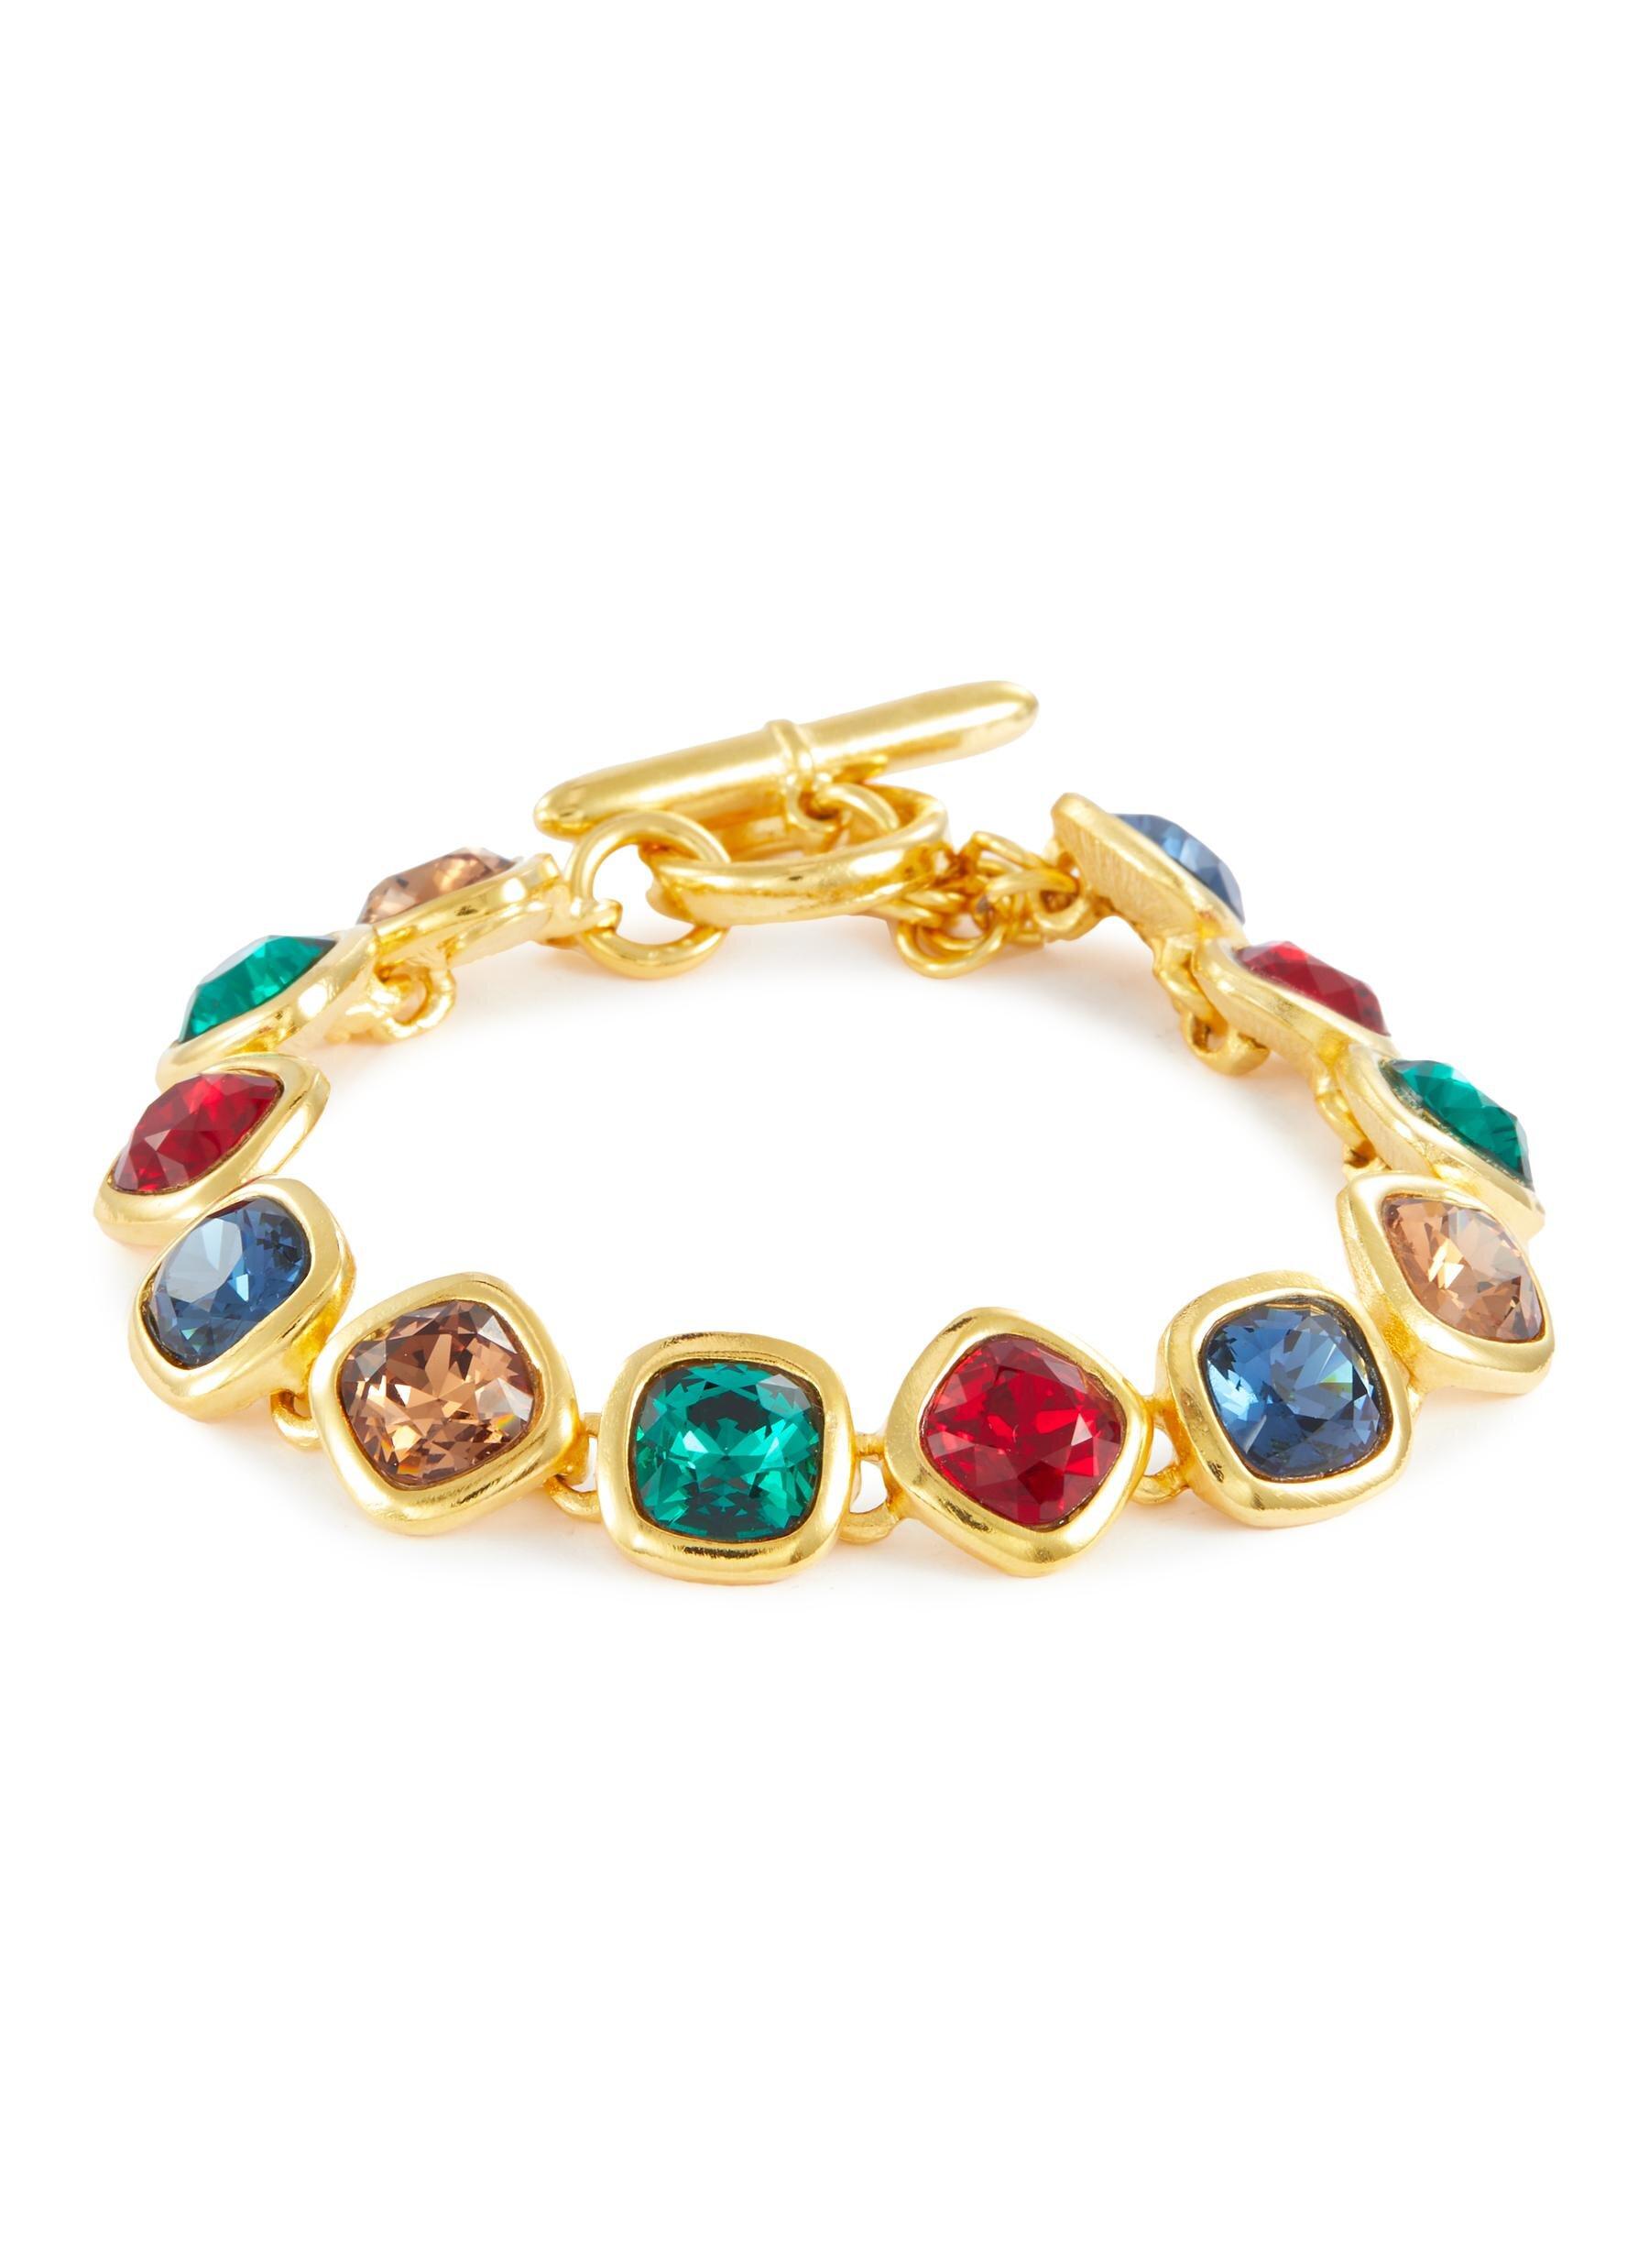 Kenneth Jay Lane Gemstone Link Bracelet  HKD$1,890